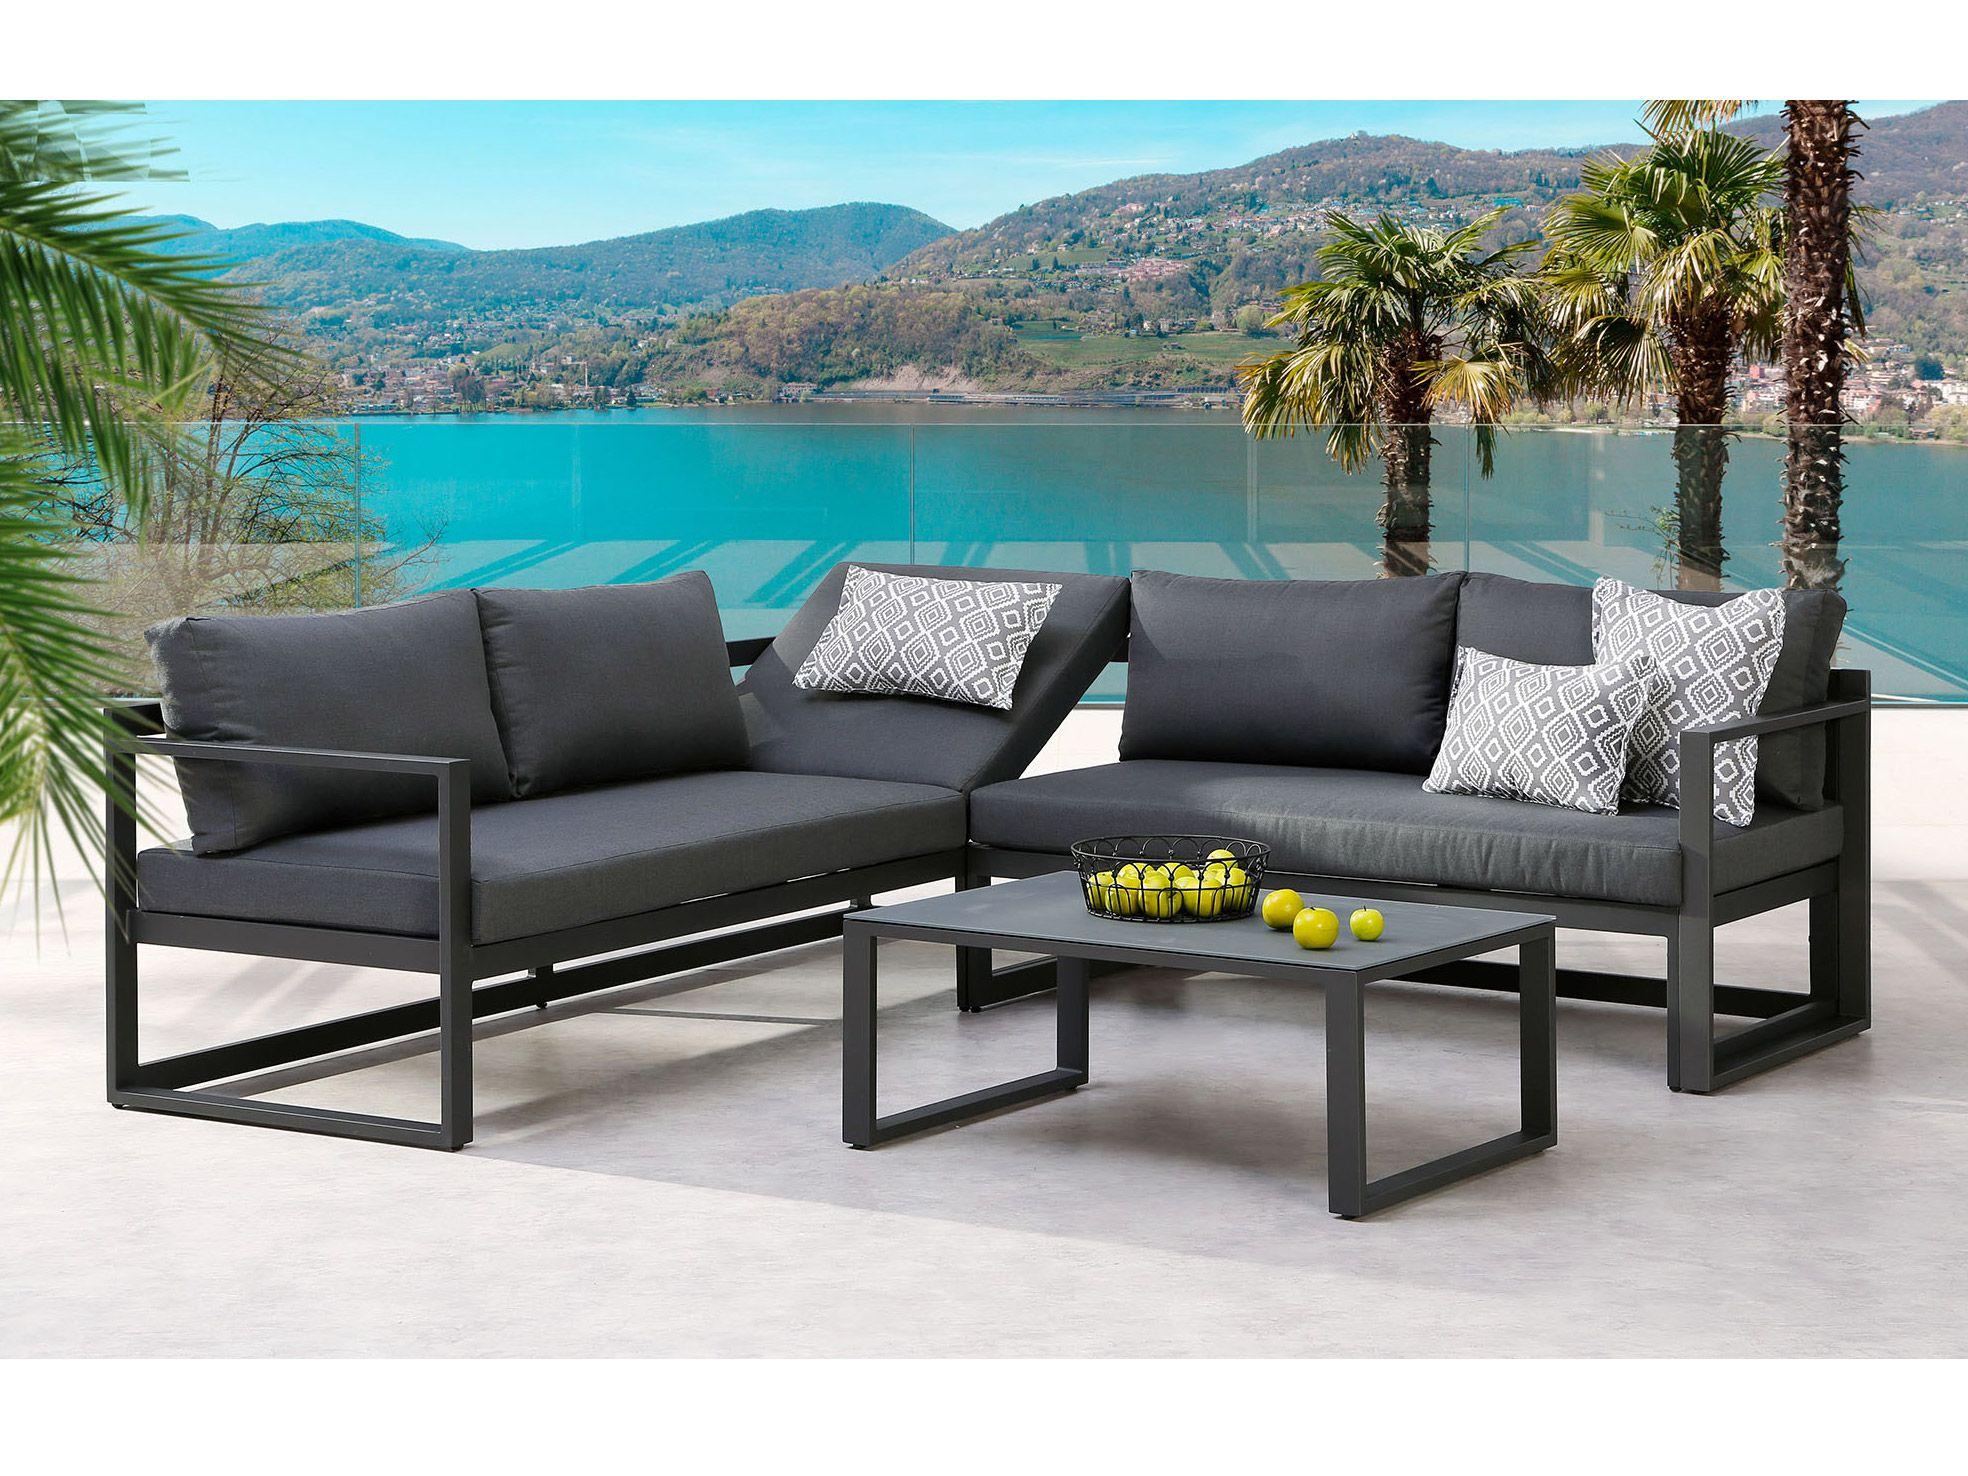 Puristische Garten Lounge Rhodos Anthrazit Hohenverstellbares Kopfteil Online Kaufen Borono Lounge Mobel Outdoor Sofa Garten Lounge